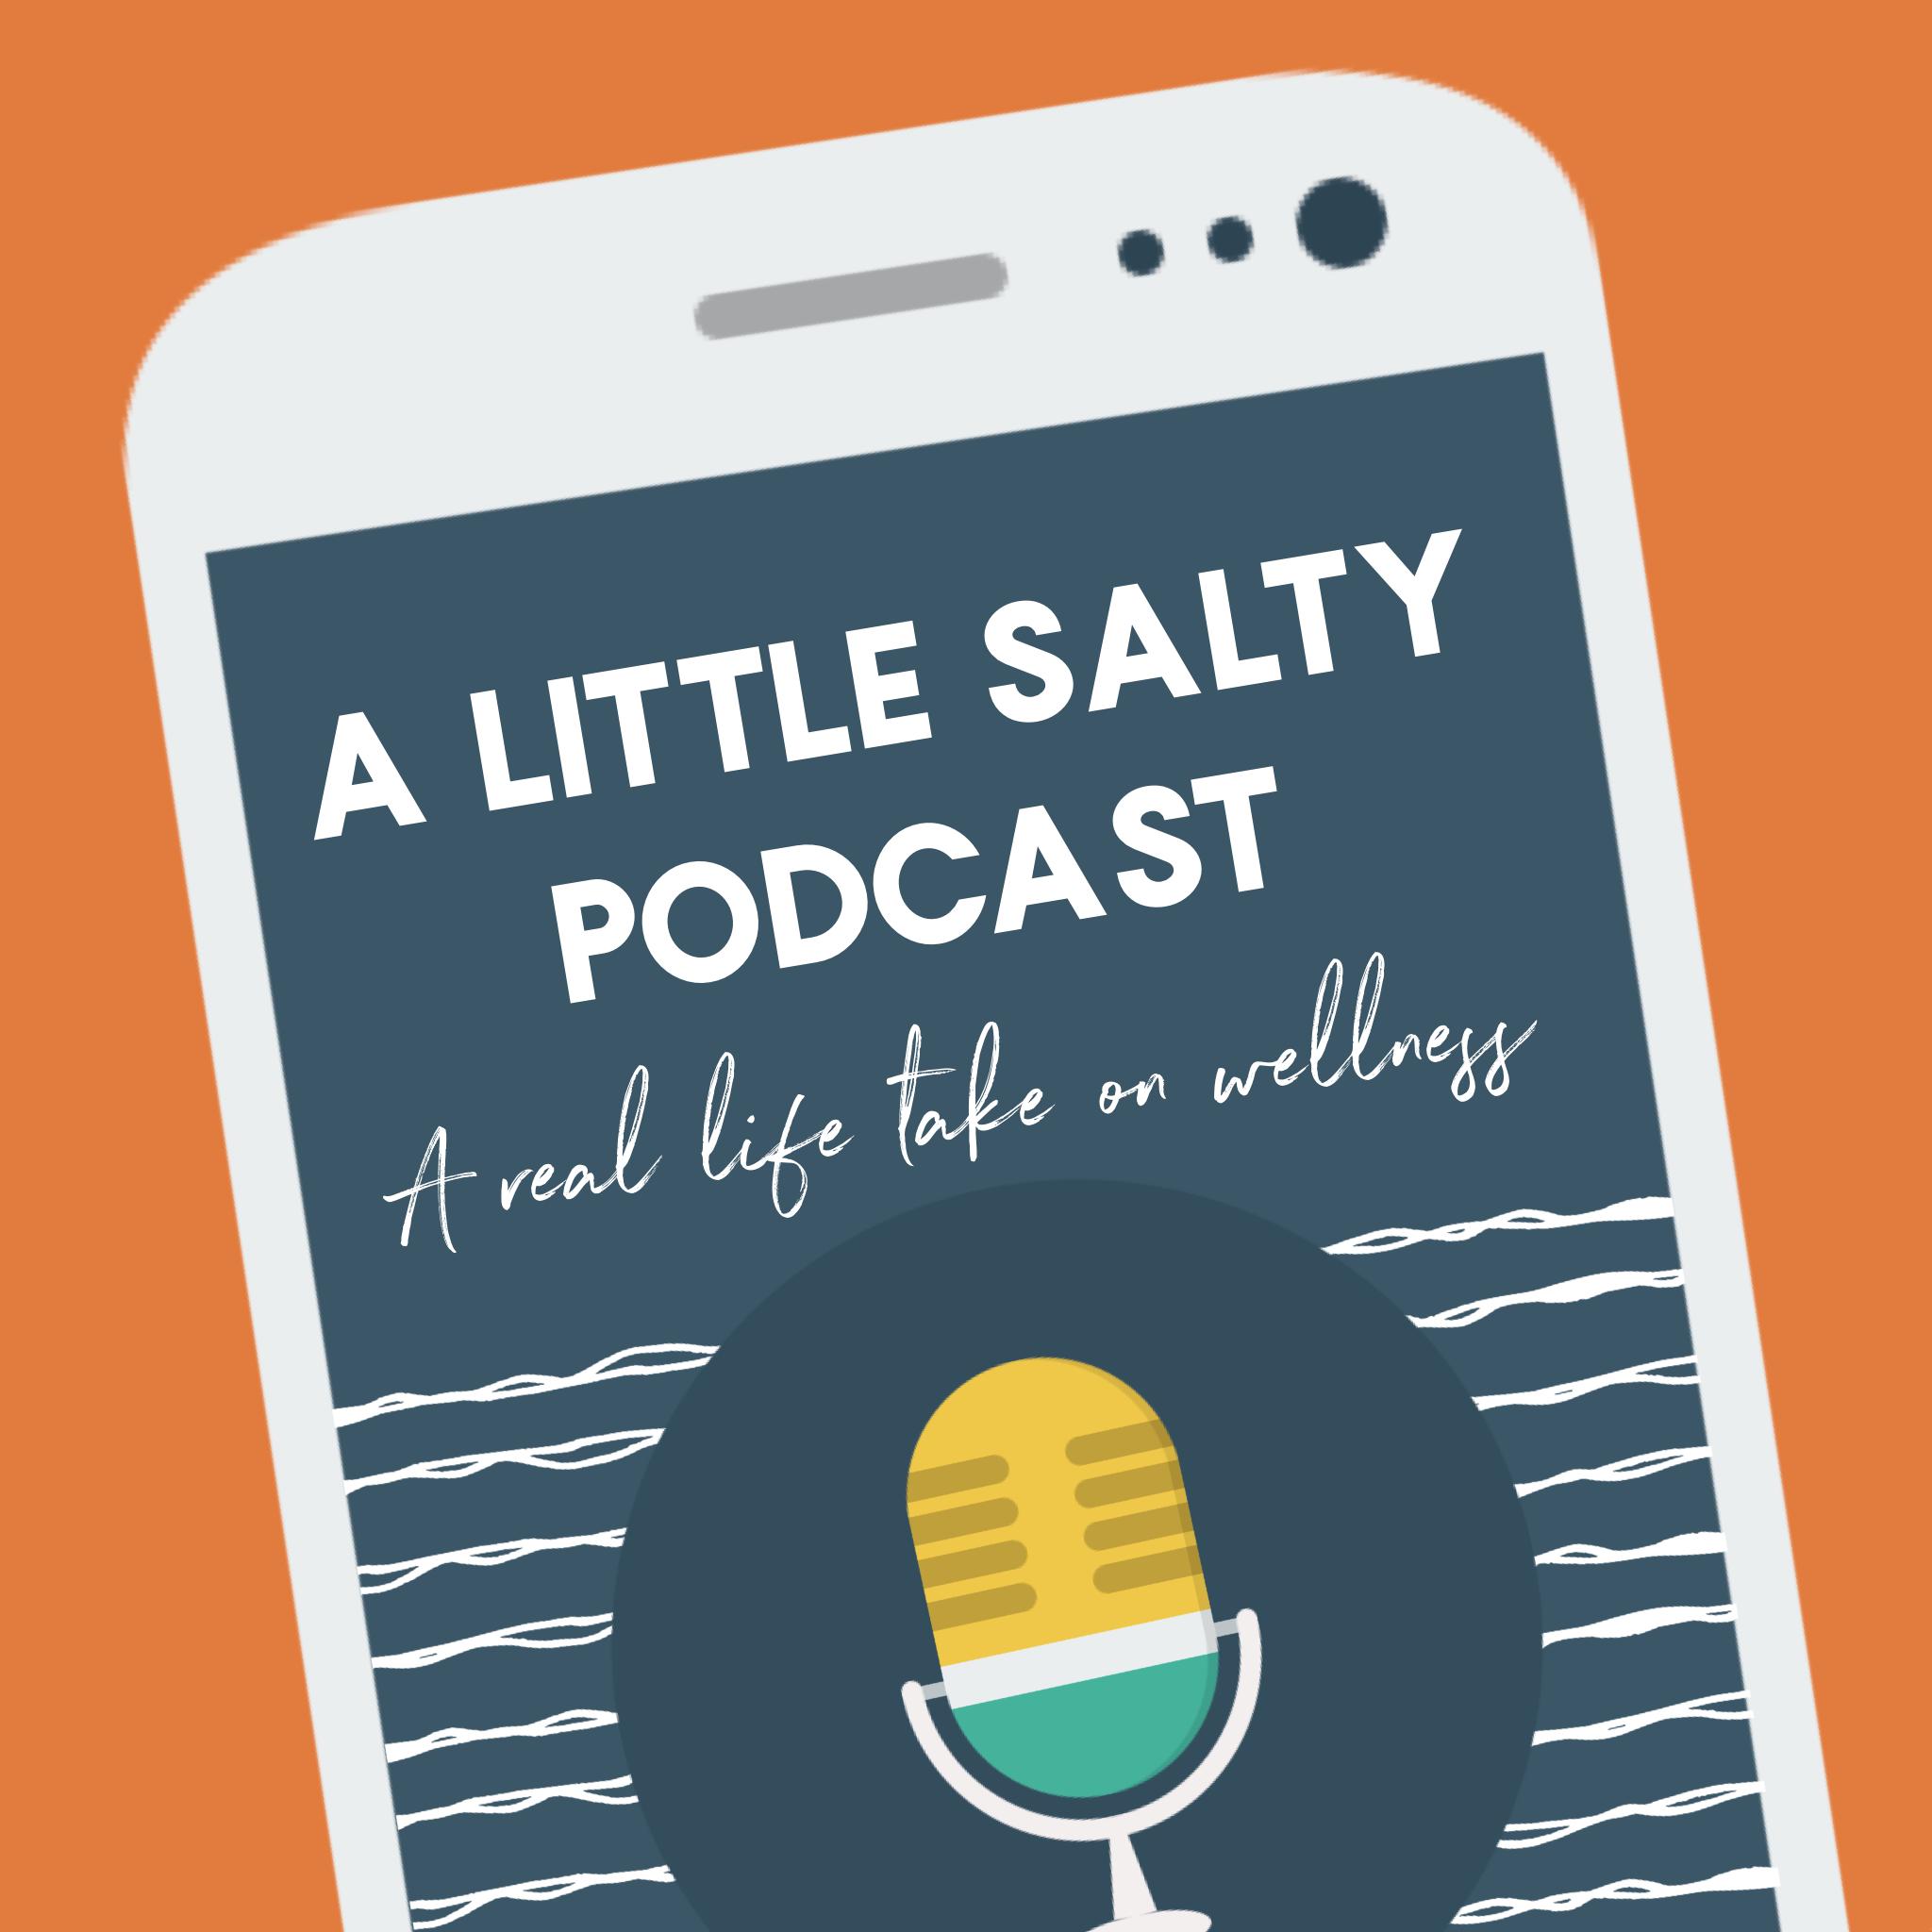 A Little Salty